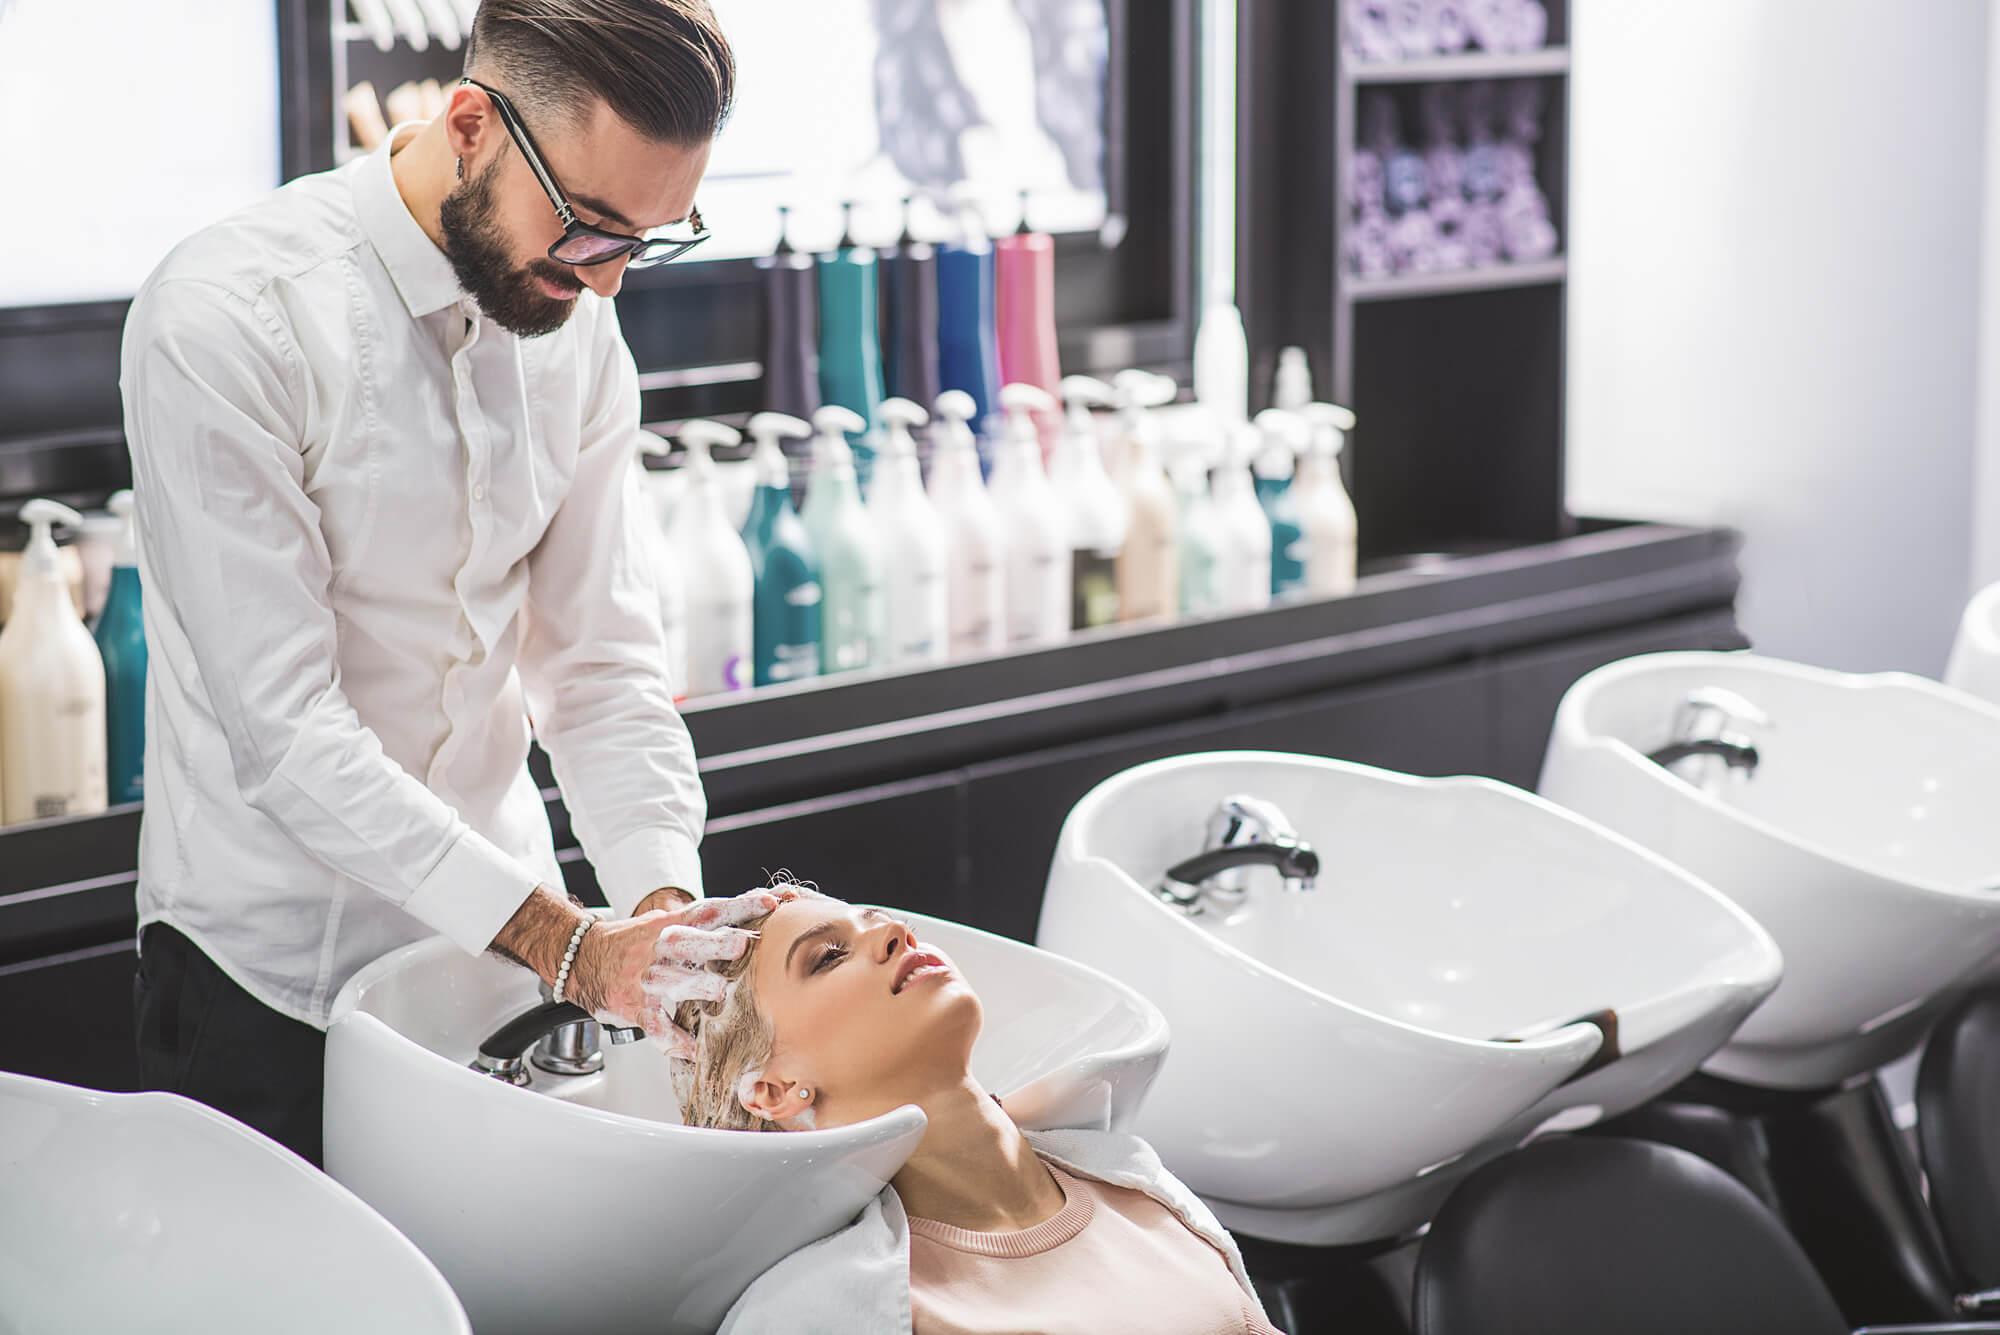 簡単に薄毛や抜け毛を予防、改善できる方法はシャンプー!